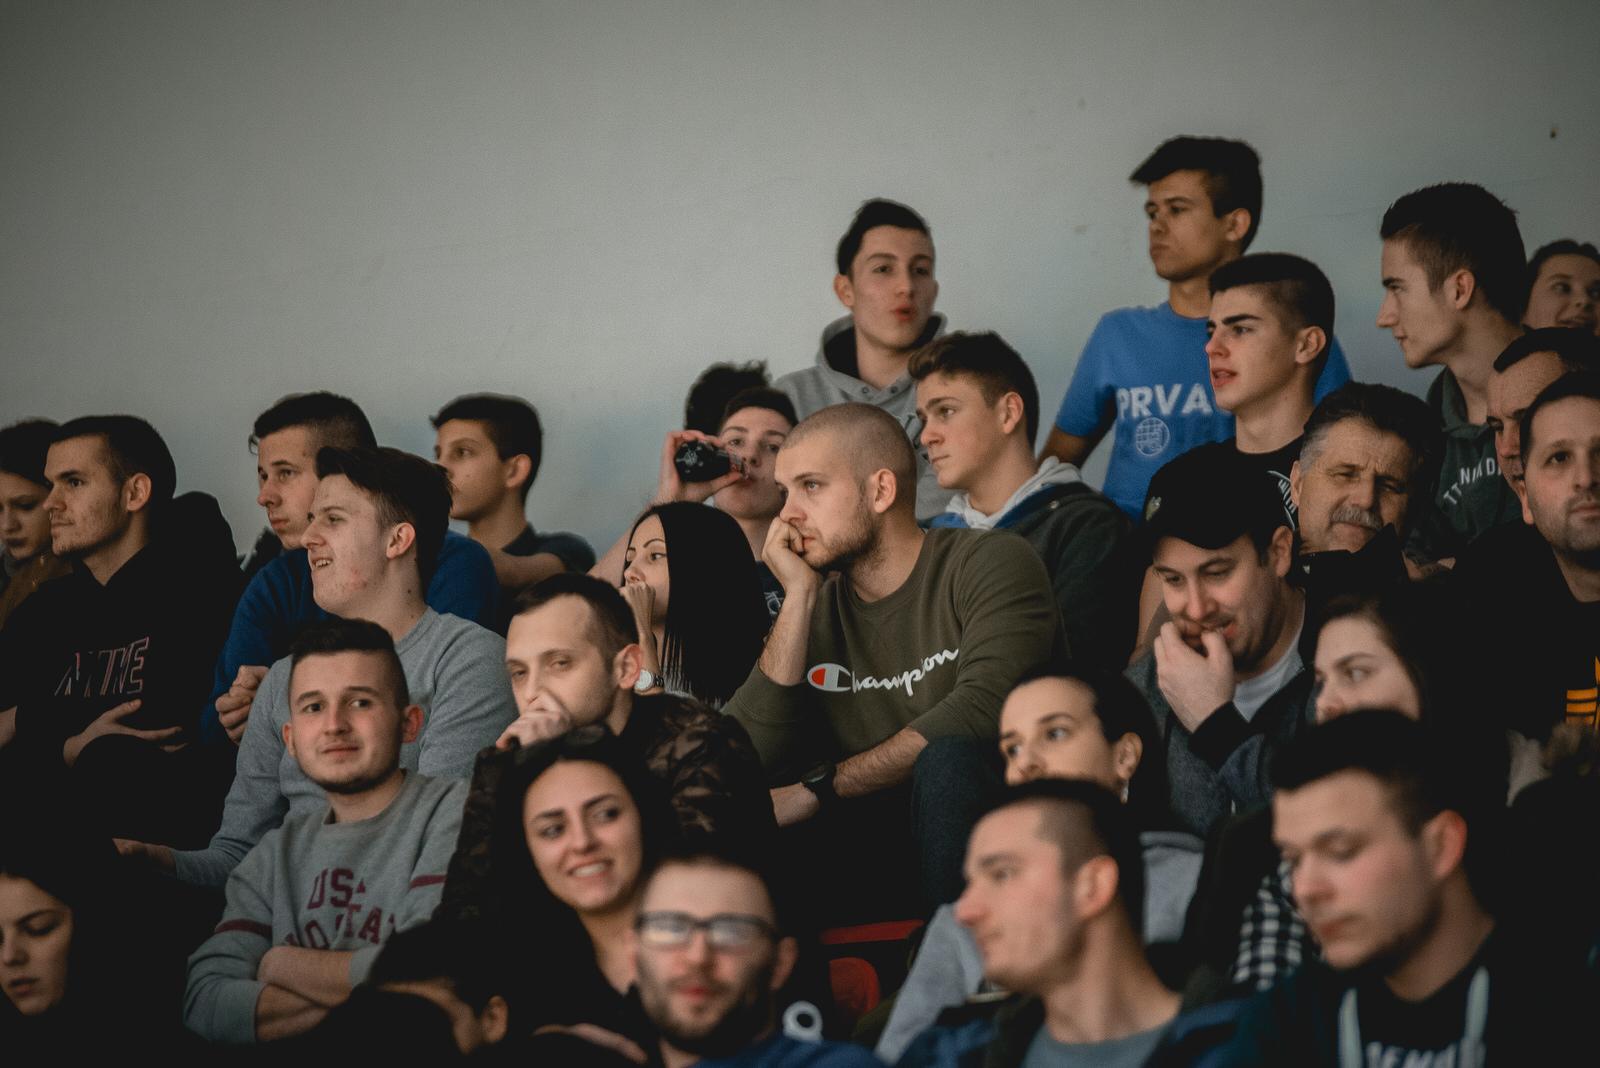 likaclub_gospić_zimski-malonogometni-turnir-2018-19-12